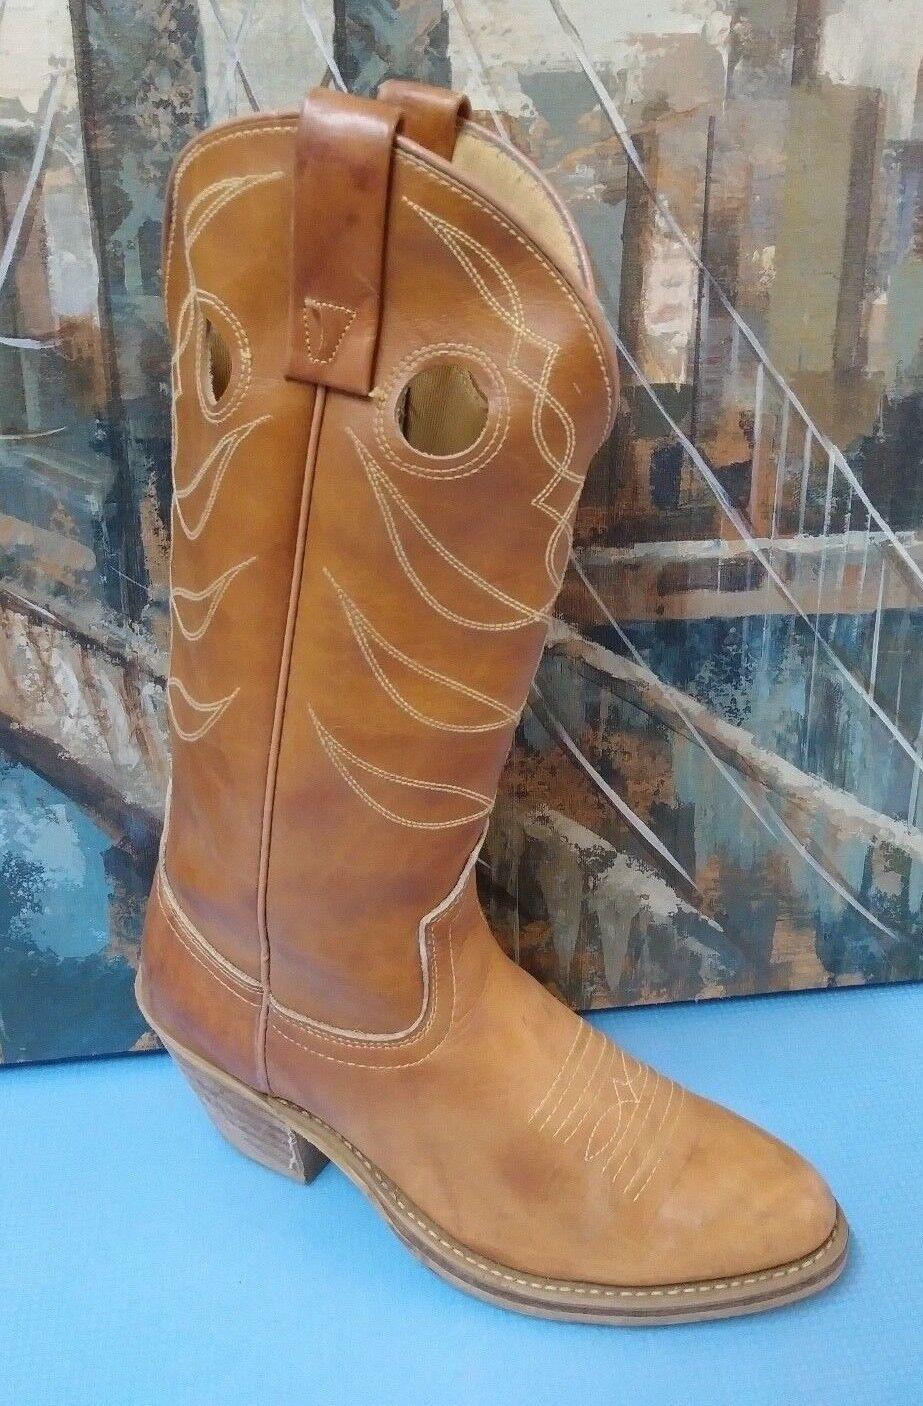 Acme 4607 botas botas botas de vaquero occidental Talla 6.5 B para Mujer  Envio gratis en todas las ordenes